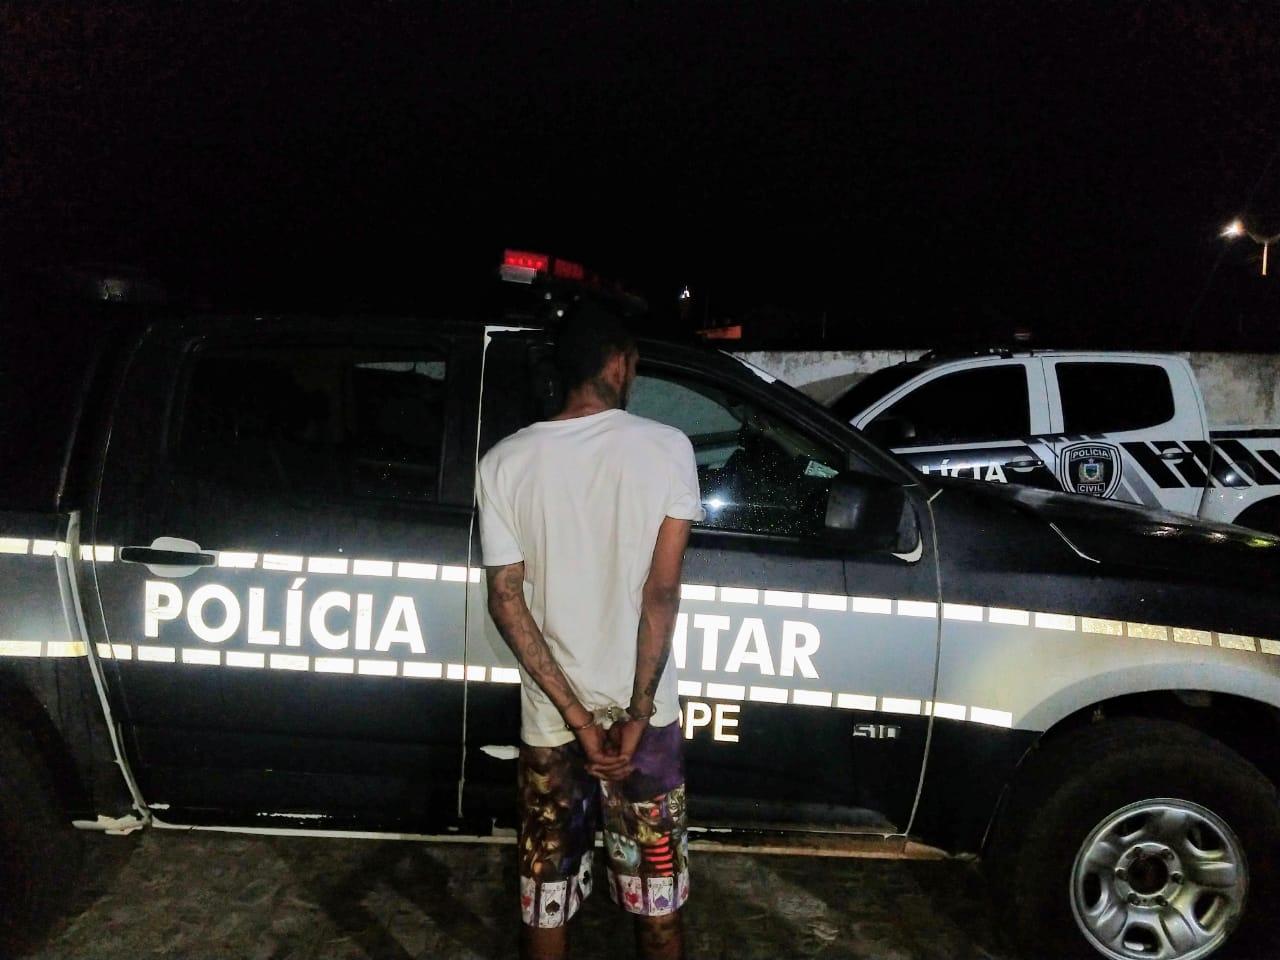 POLÍCIA MILITAR INTERCEPTA E PRENDE FORAGIDO DA JUSTIÇA